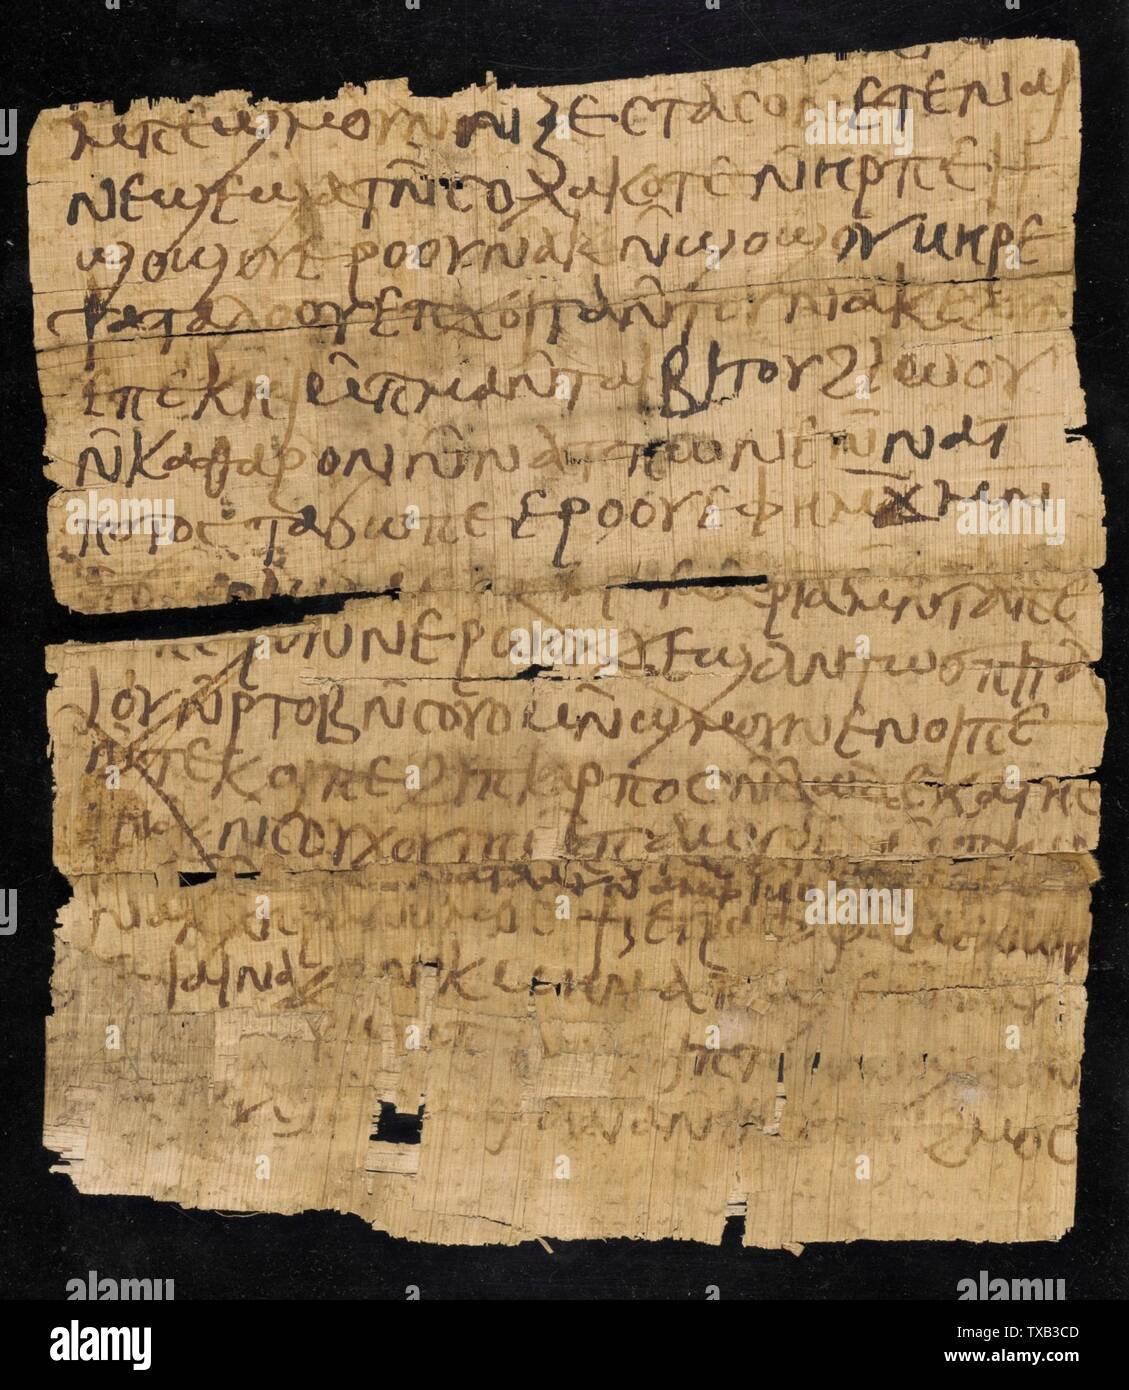 'Page de manuscrit copte (image 2 de 2); Anglais: Égypte, 4ème - 5ème siècle ce manuscrits sur papyrus d'encre Don de William H. Schuchardt (M.48.12); l'art égyptien, 4ème - 5ème siècle de notre ère; ' Photo Stock